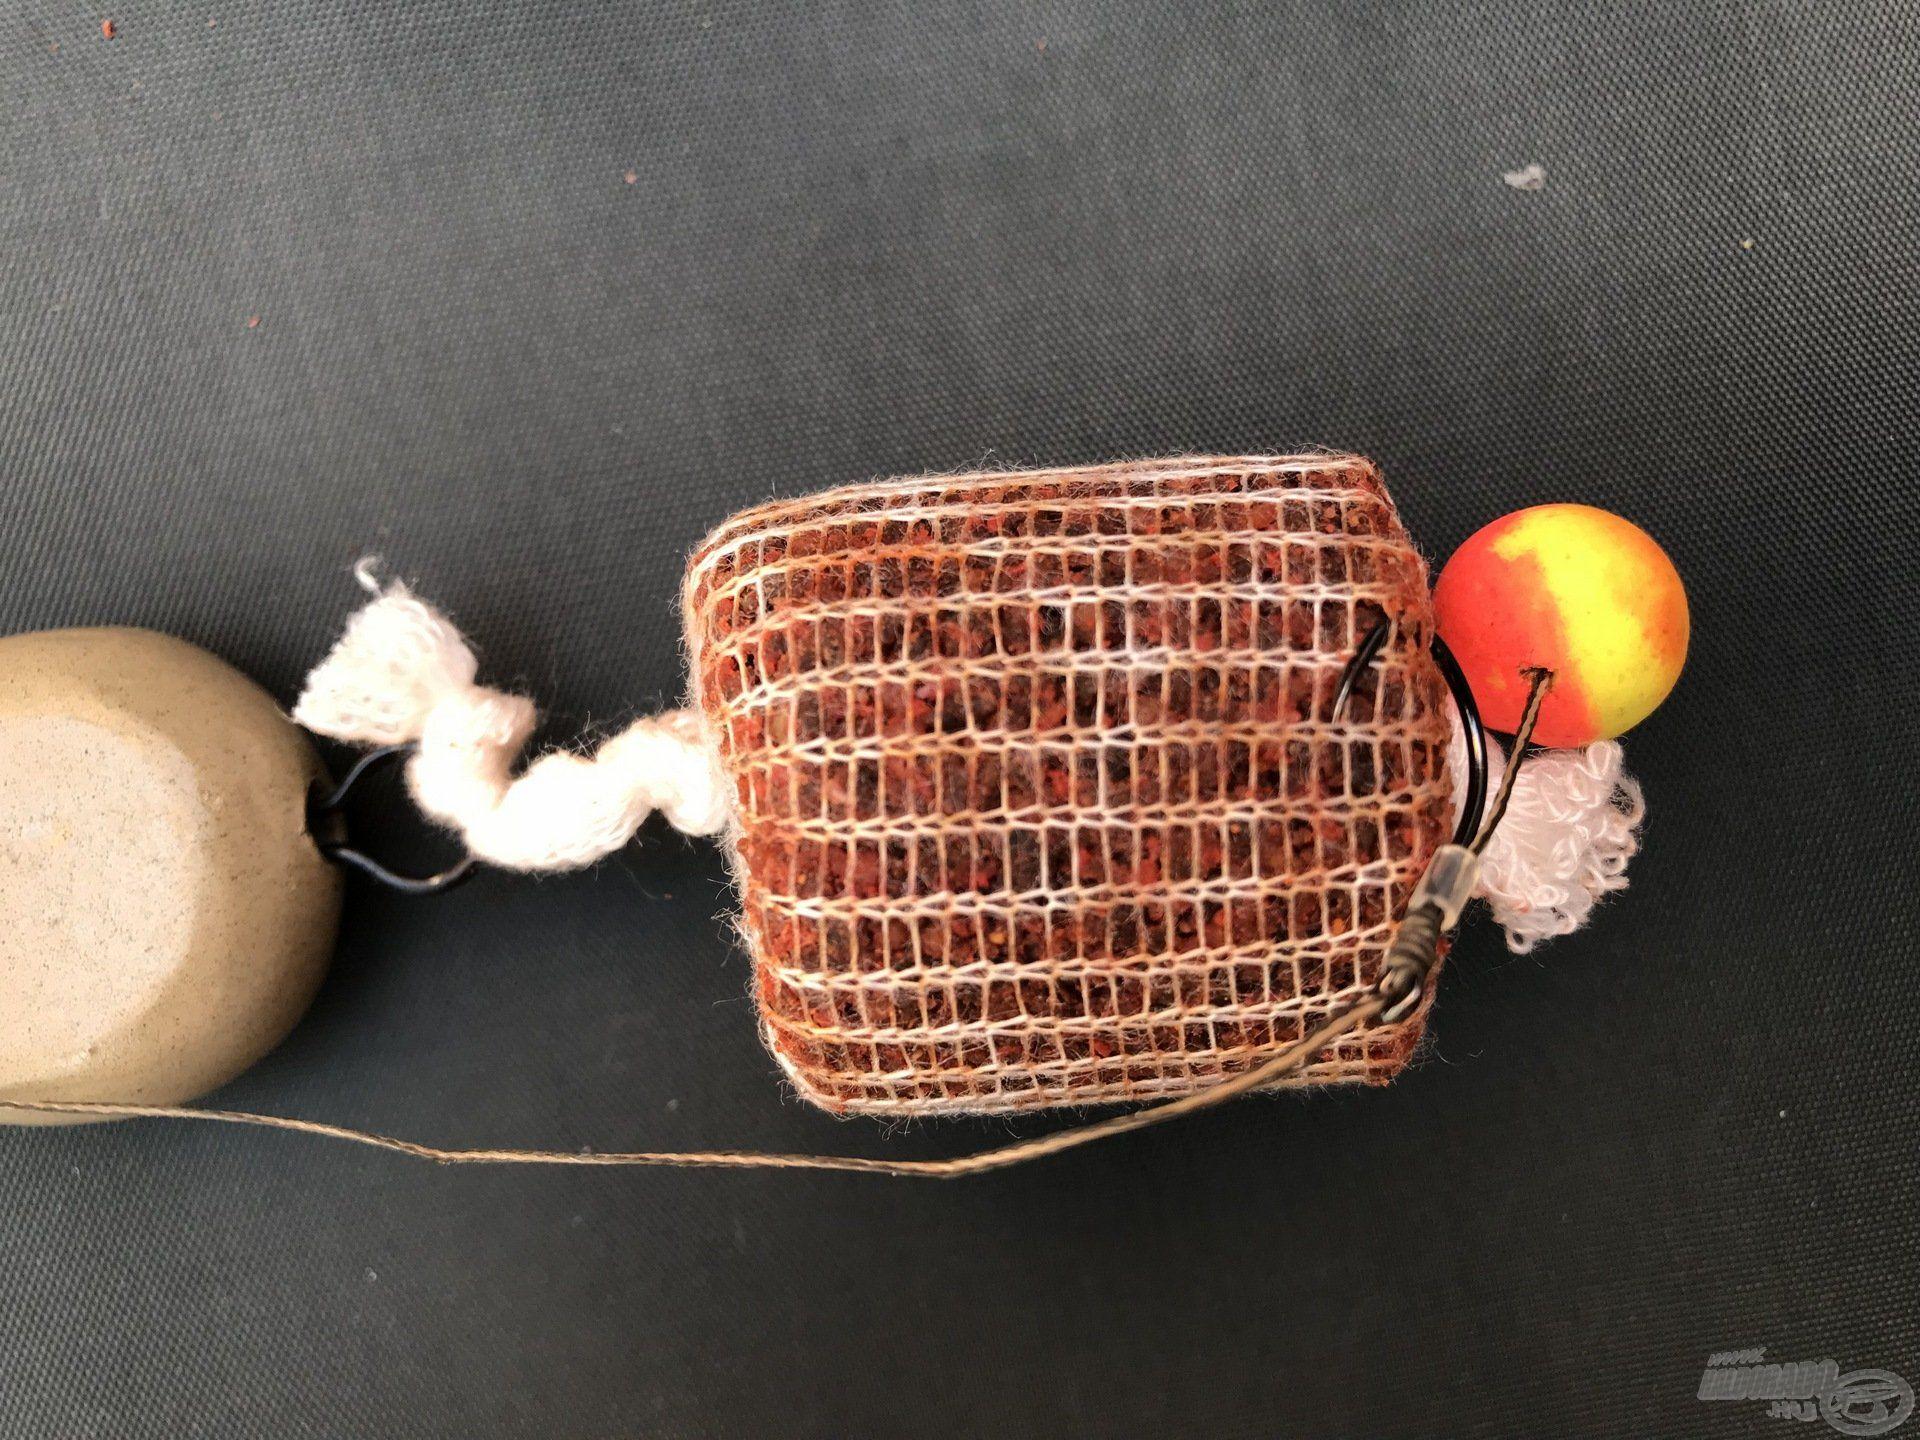 Tipp: Ha a felcsalizott horgot beleakasztjuk a hálóba, garantáltan nem tud gubancolódni a horogelőke dobás közben